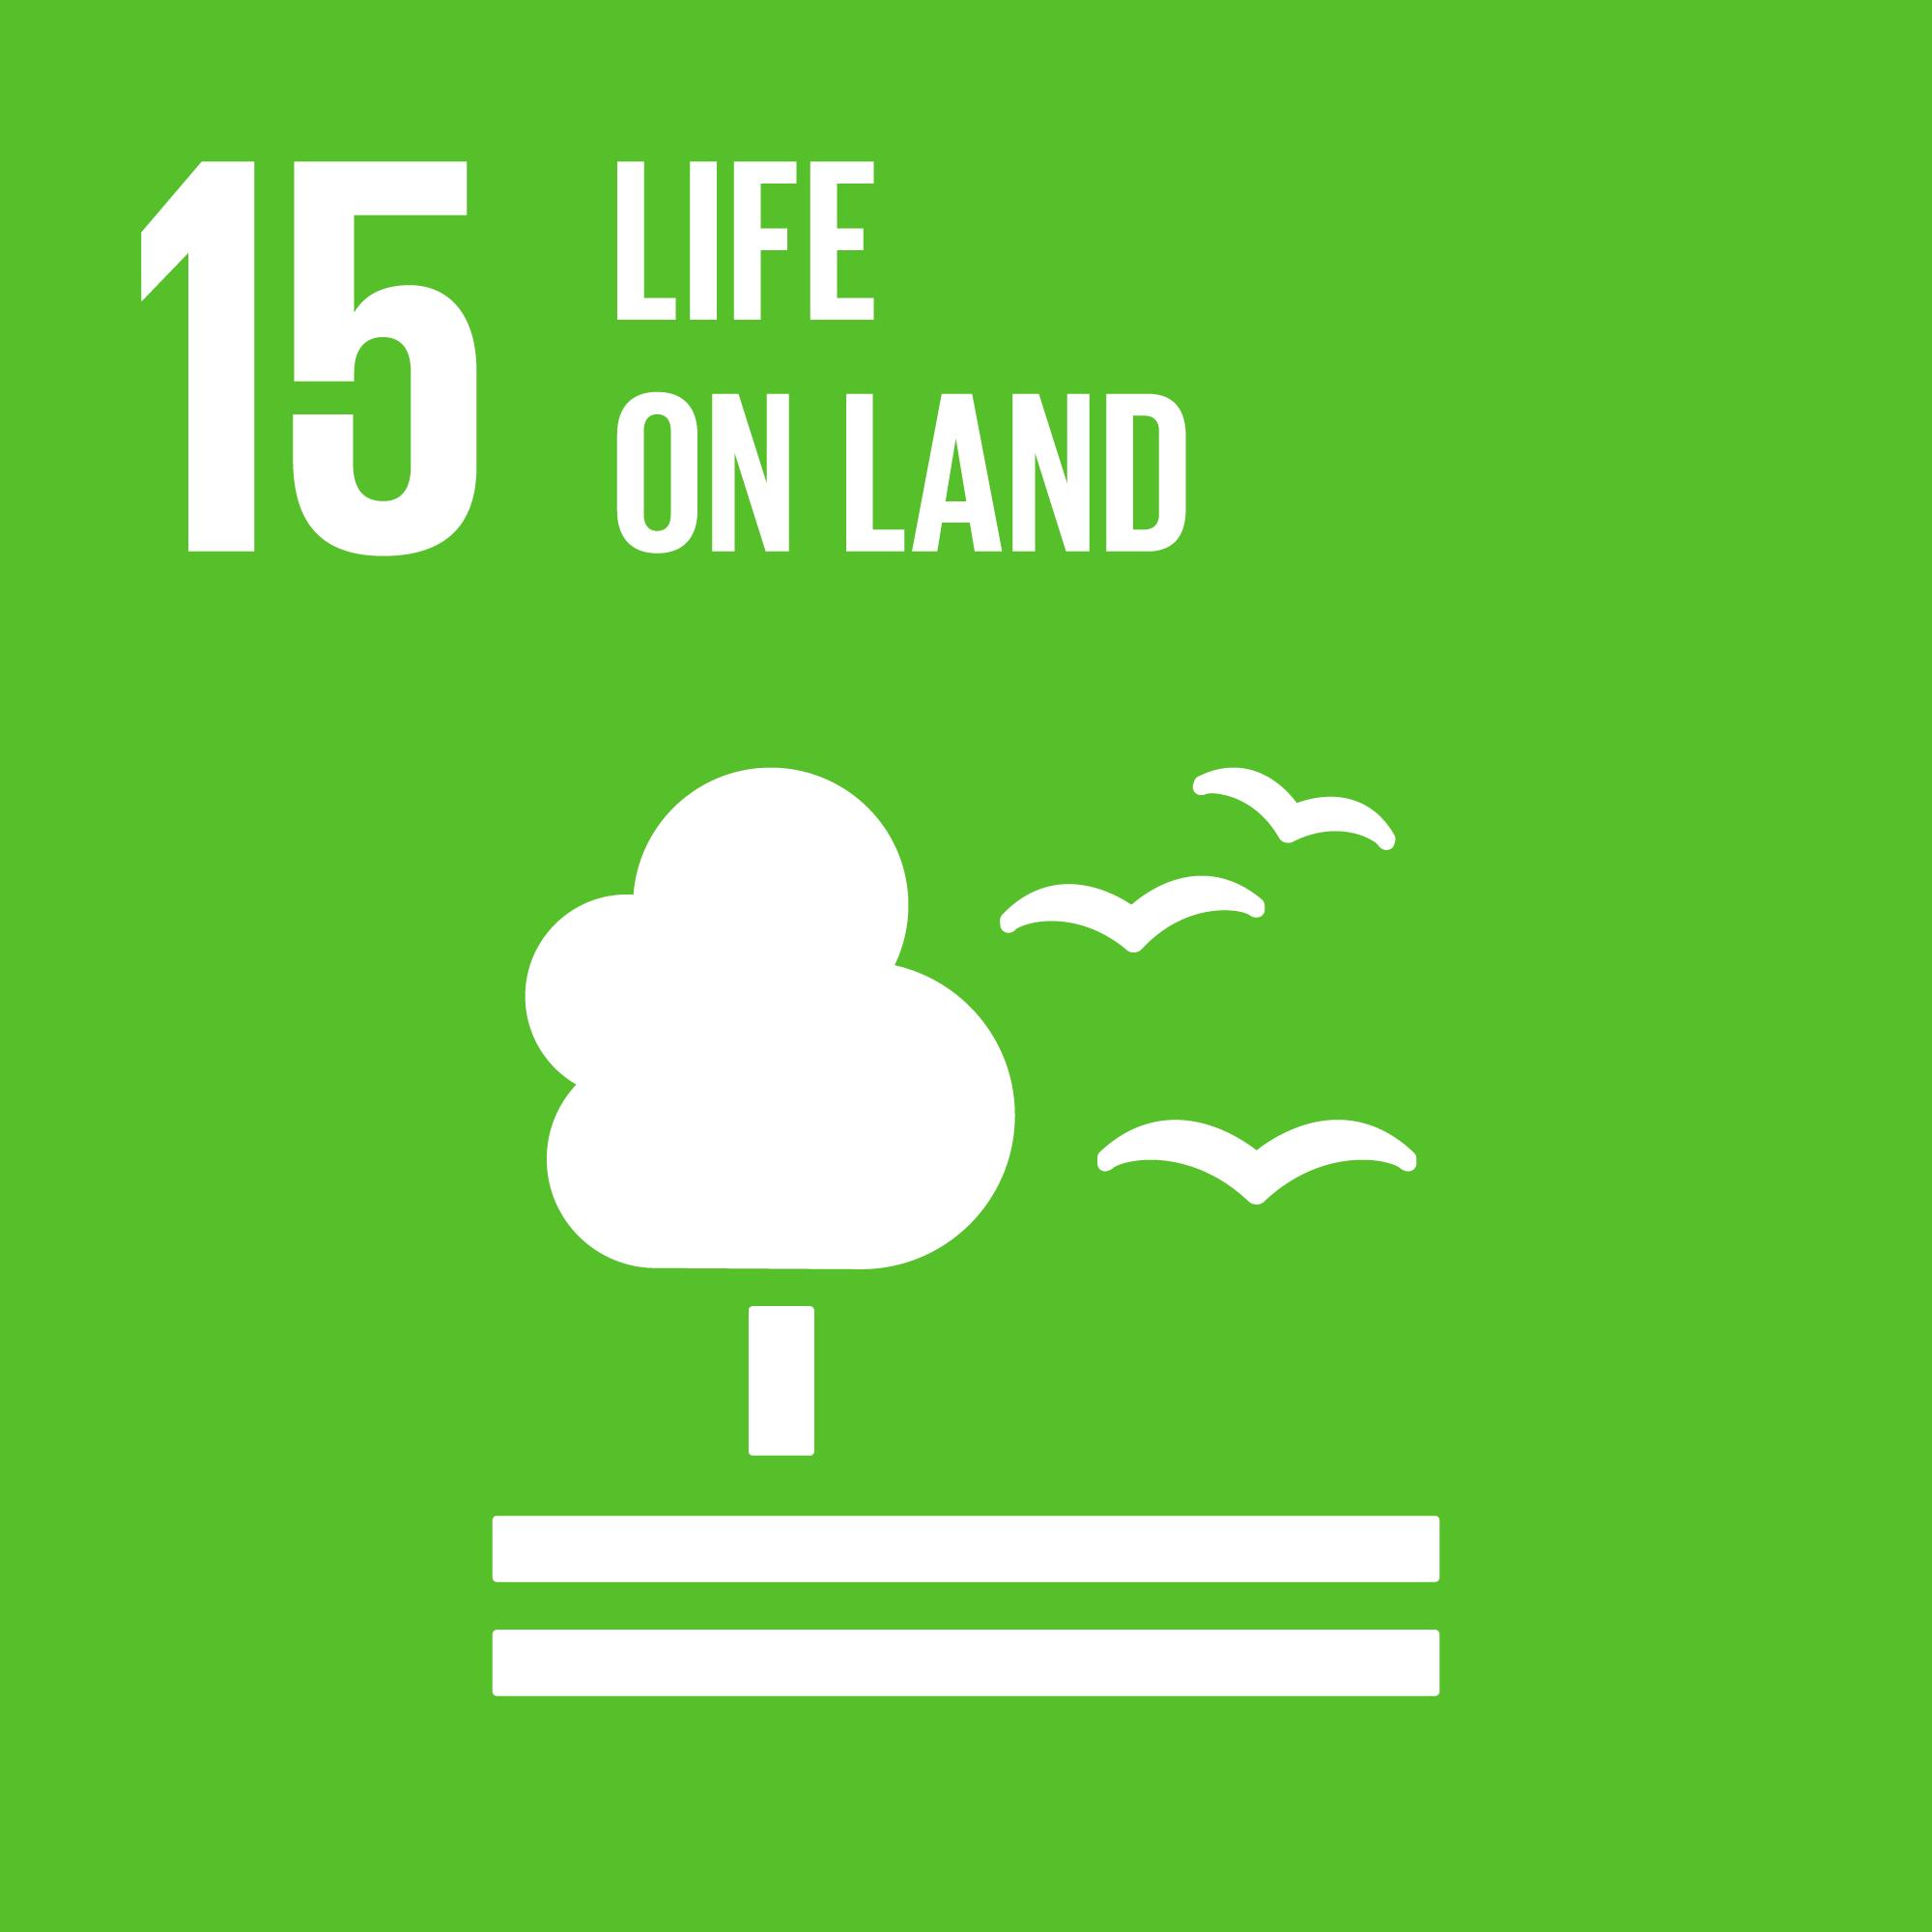 Global Goal 14 Life on land